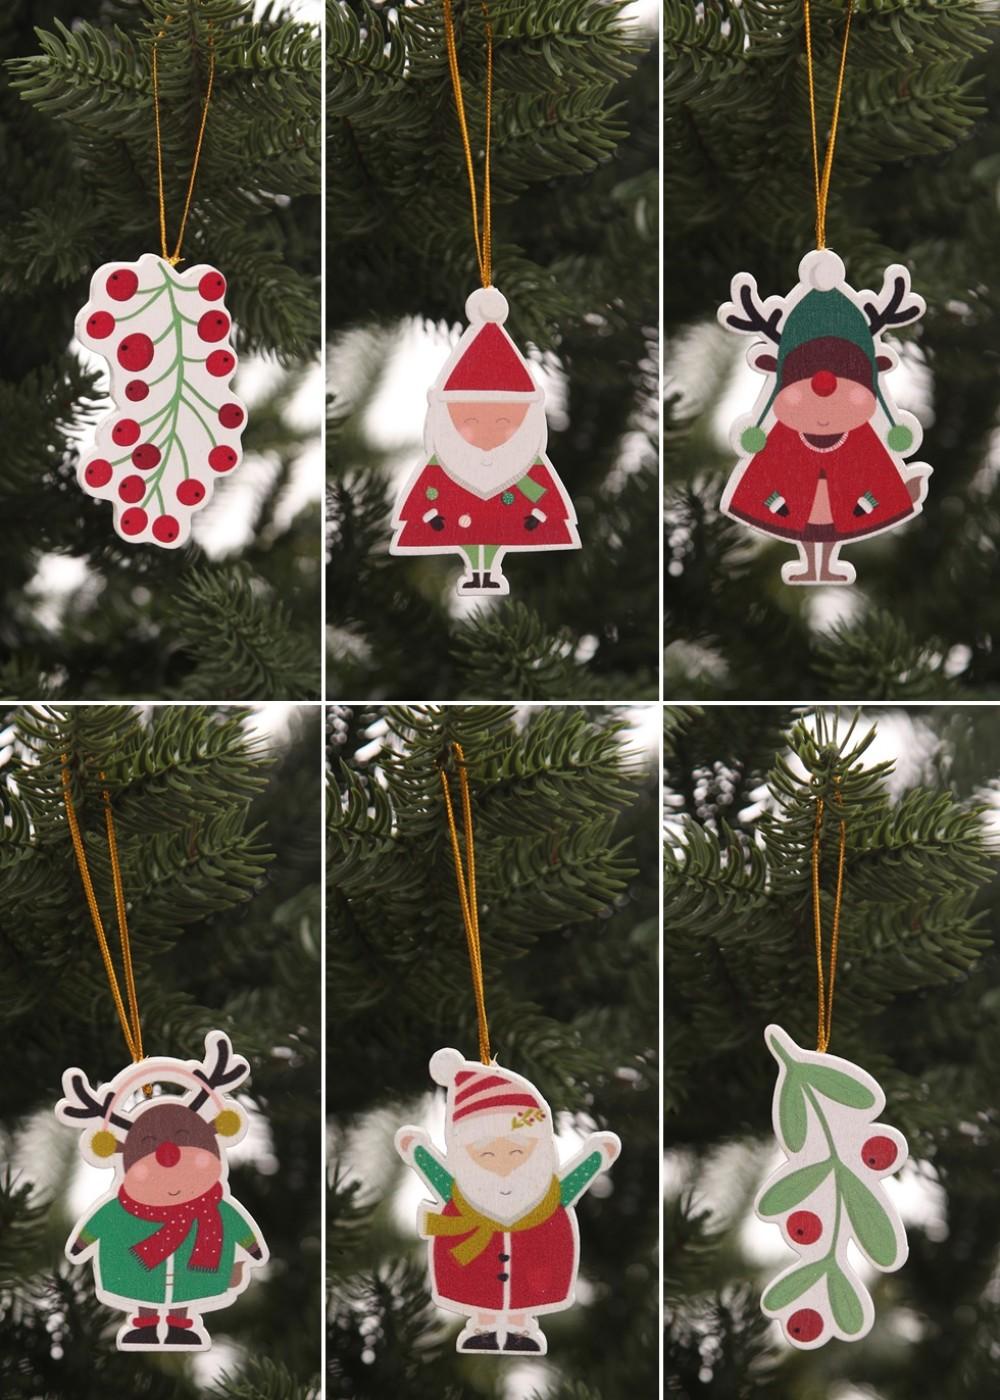 Karácsonyfadíszek vidám figurákkal